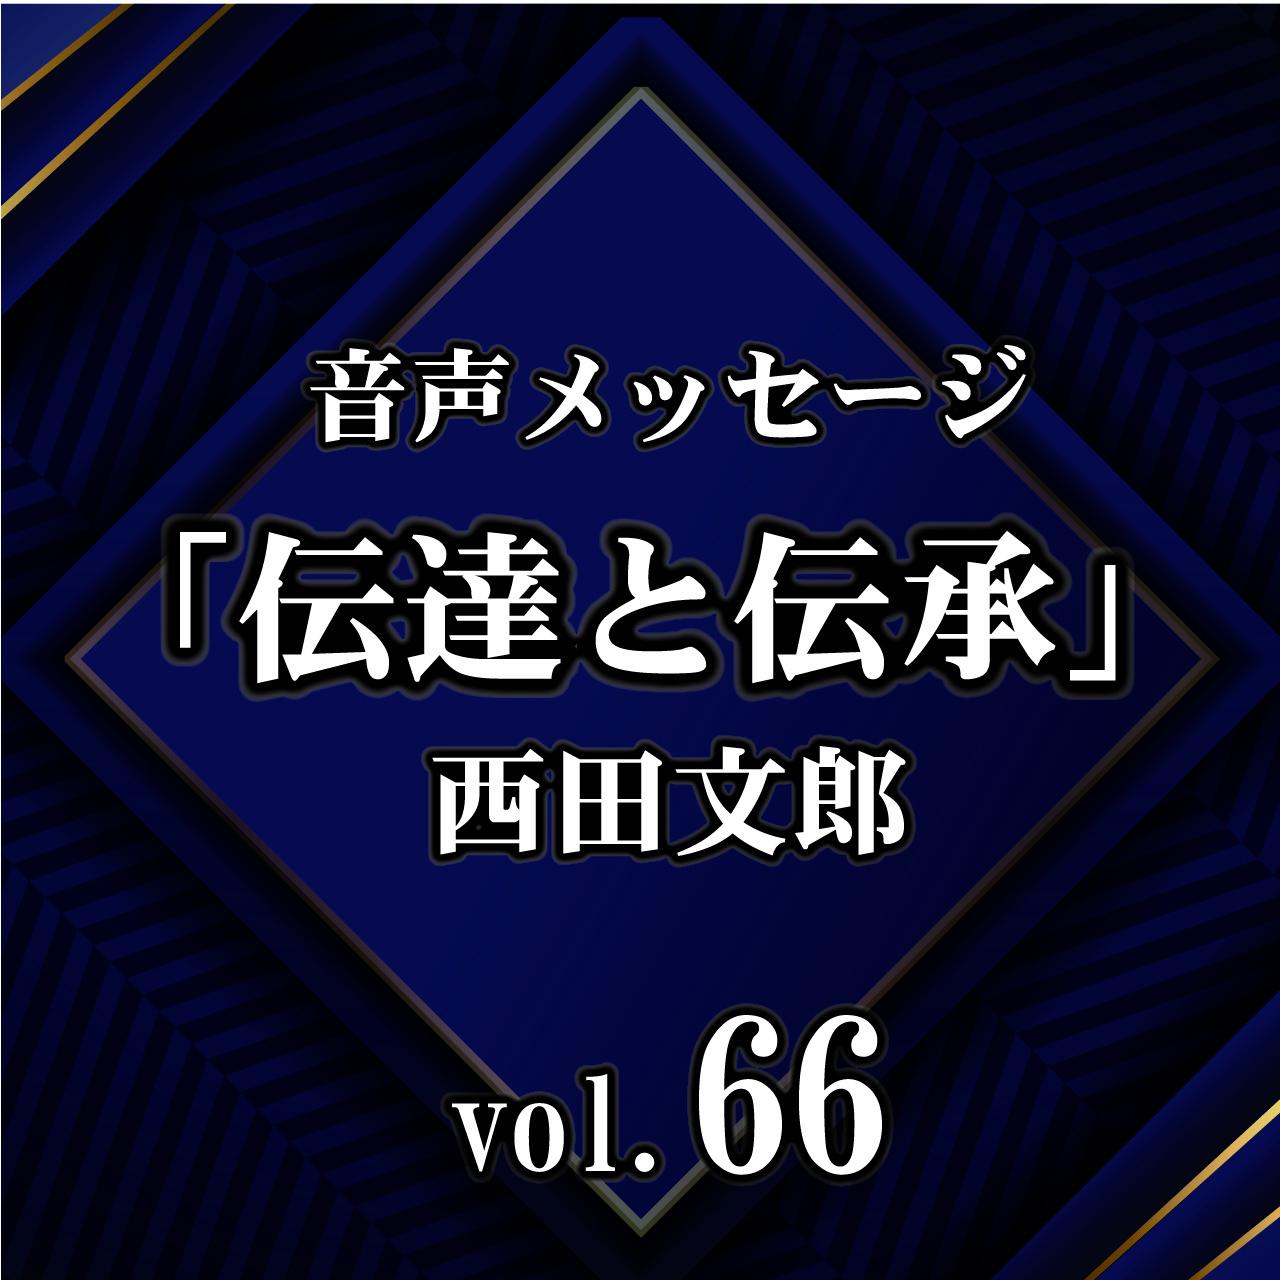 西田文郎 音声メッセージvol.66『伝達と伝承』